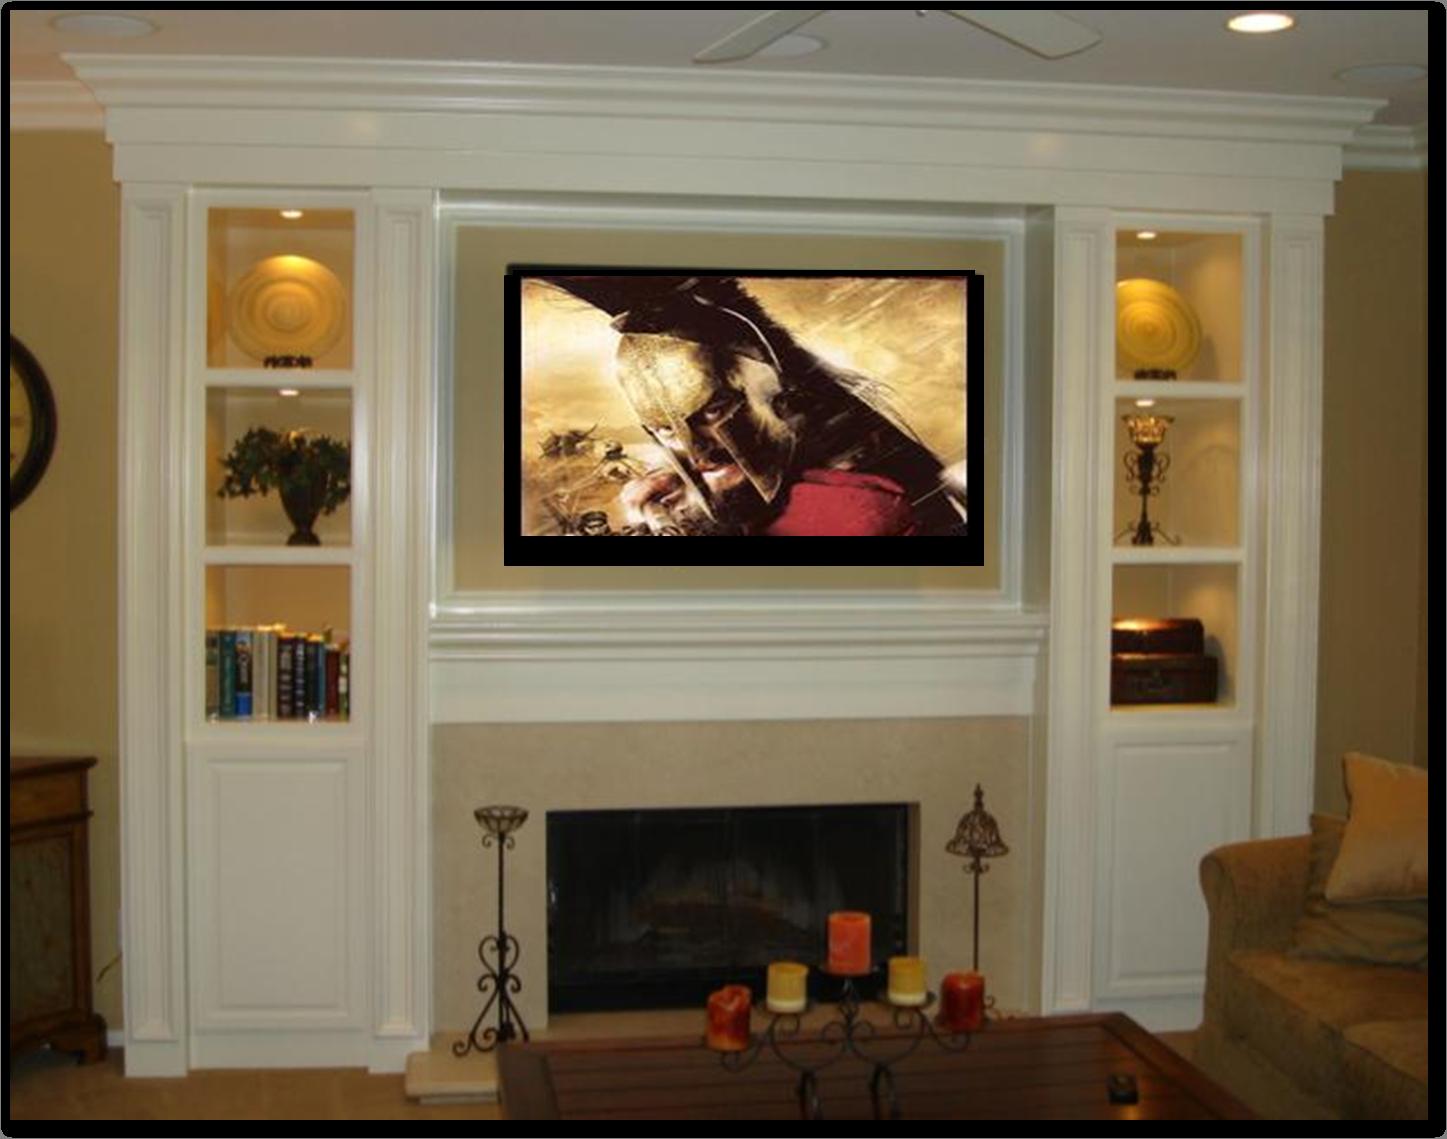 Built In Entertainment Centers Fireplace Fireplace  # Bibliotheque Murale Pour Televiseur Avec Foyer Electrique